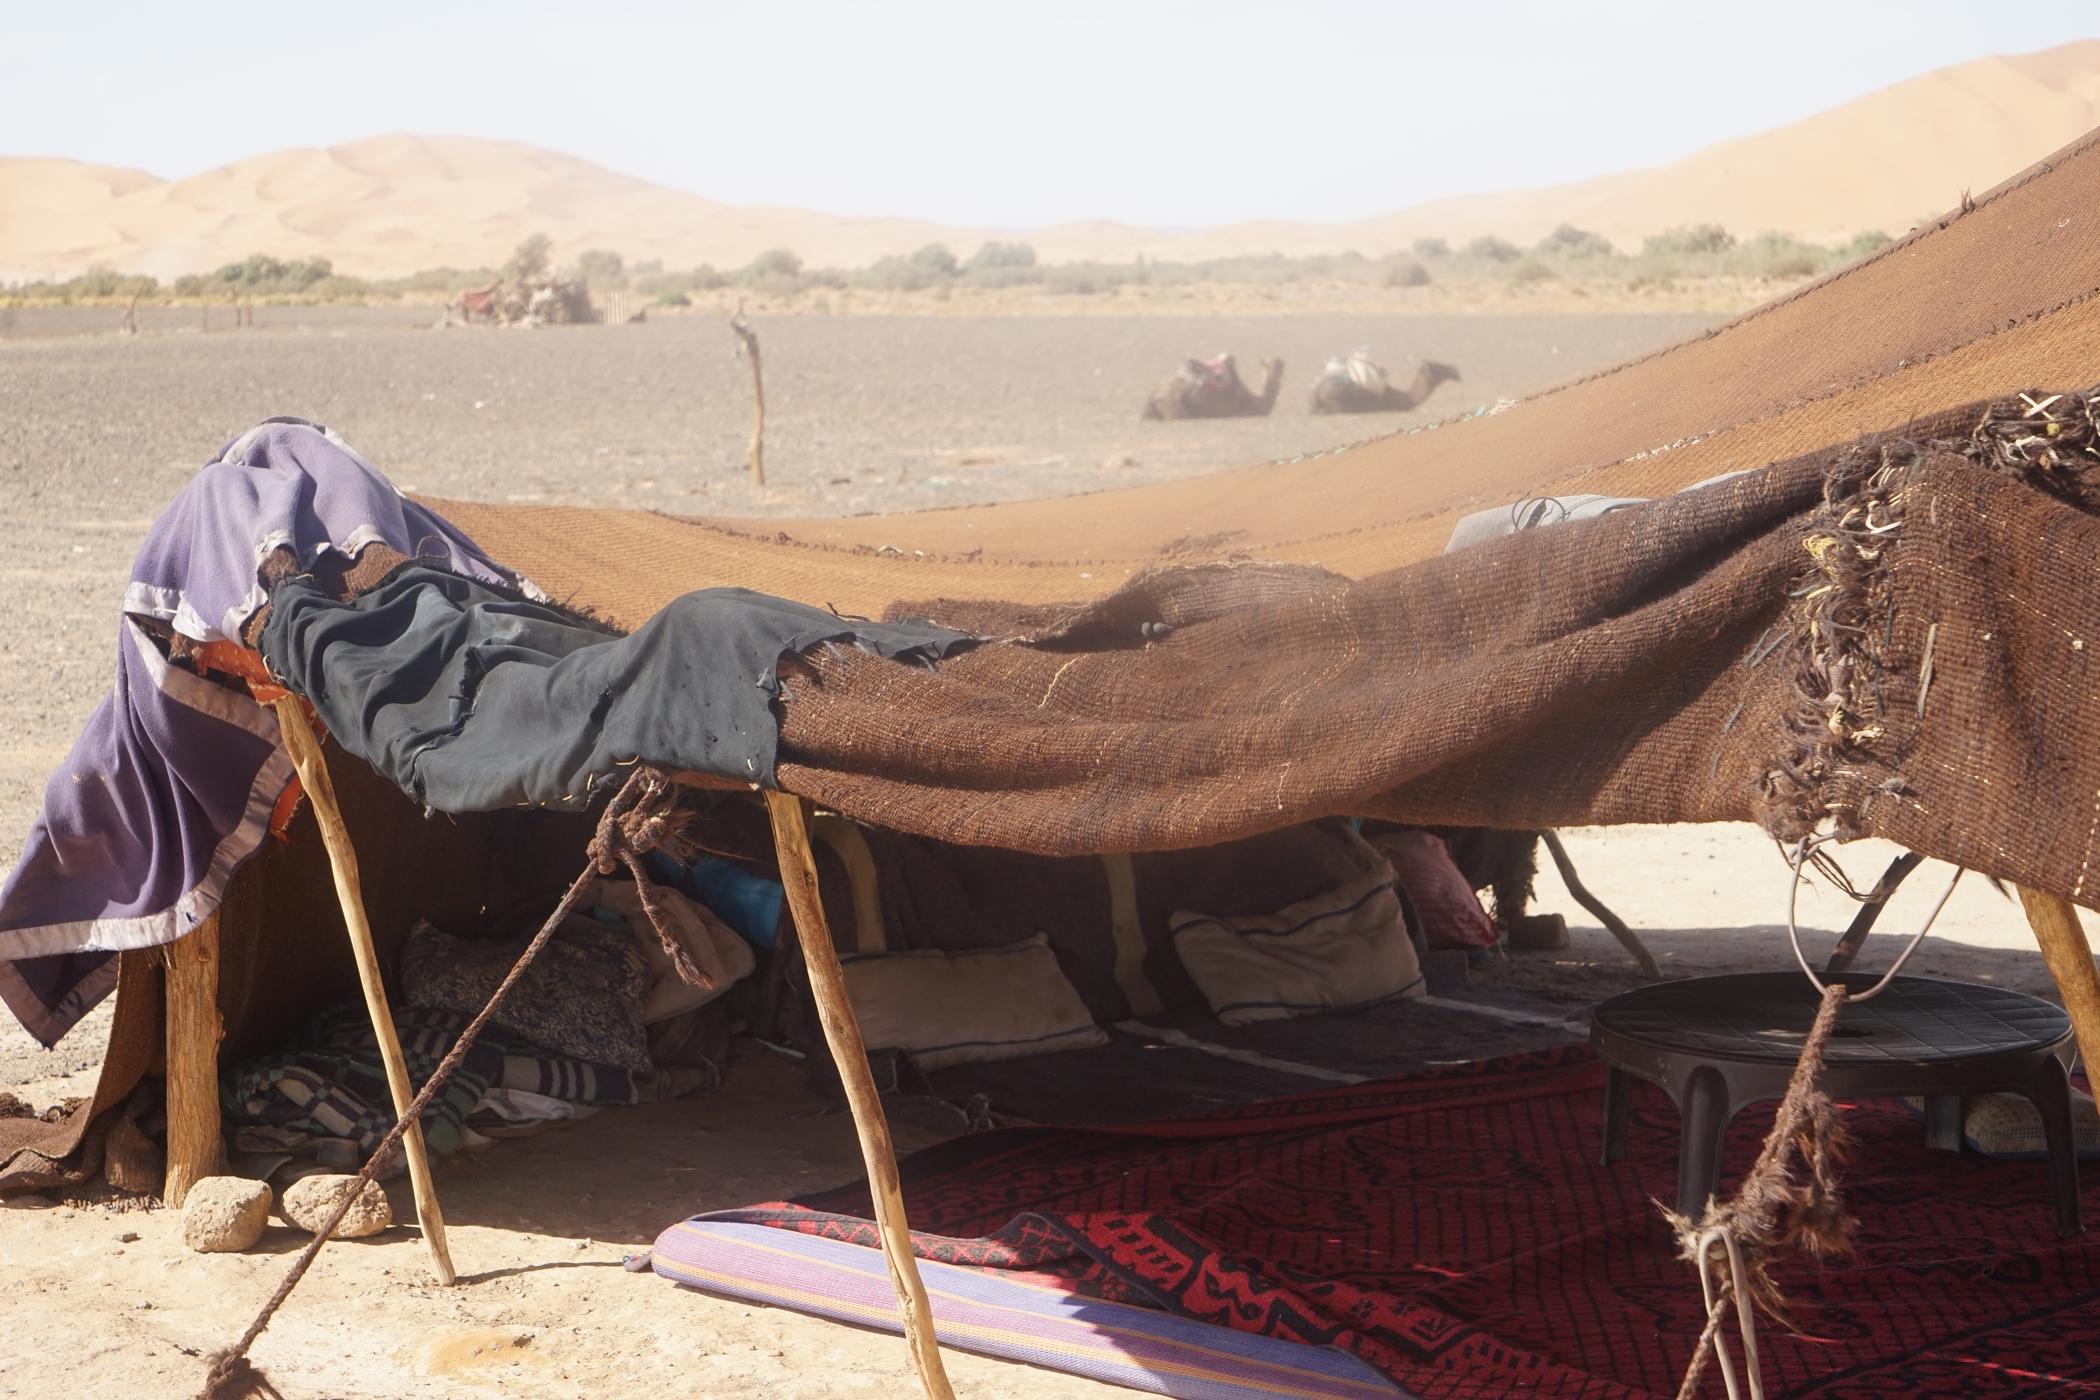 Nomadic camp, Mazooga, Sahara,Morocco